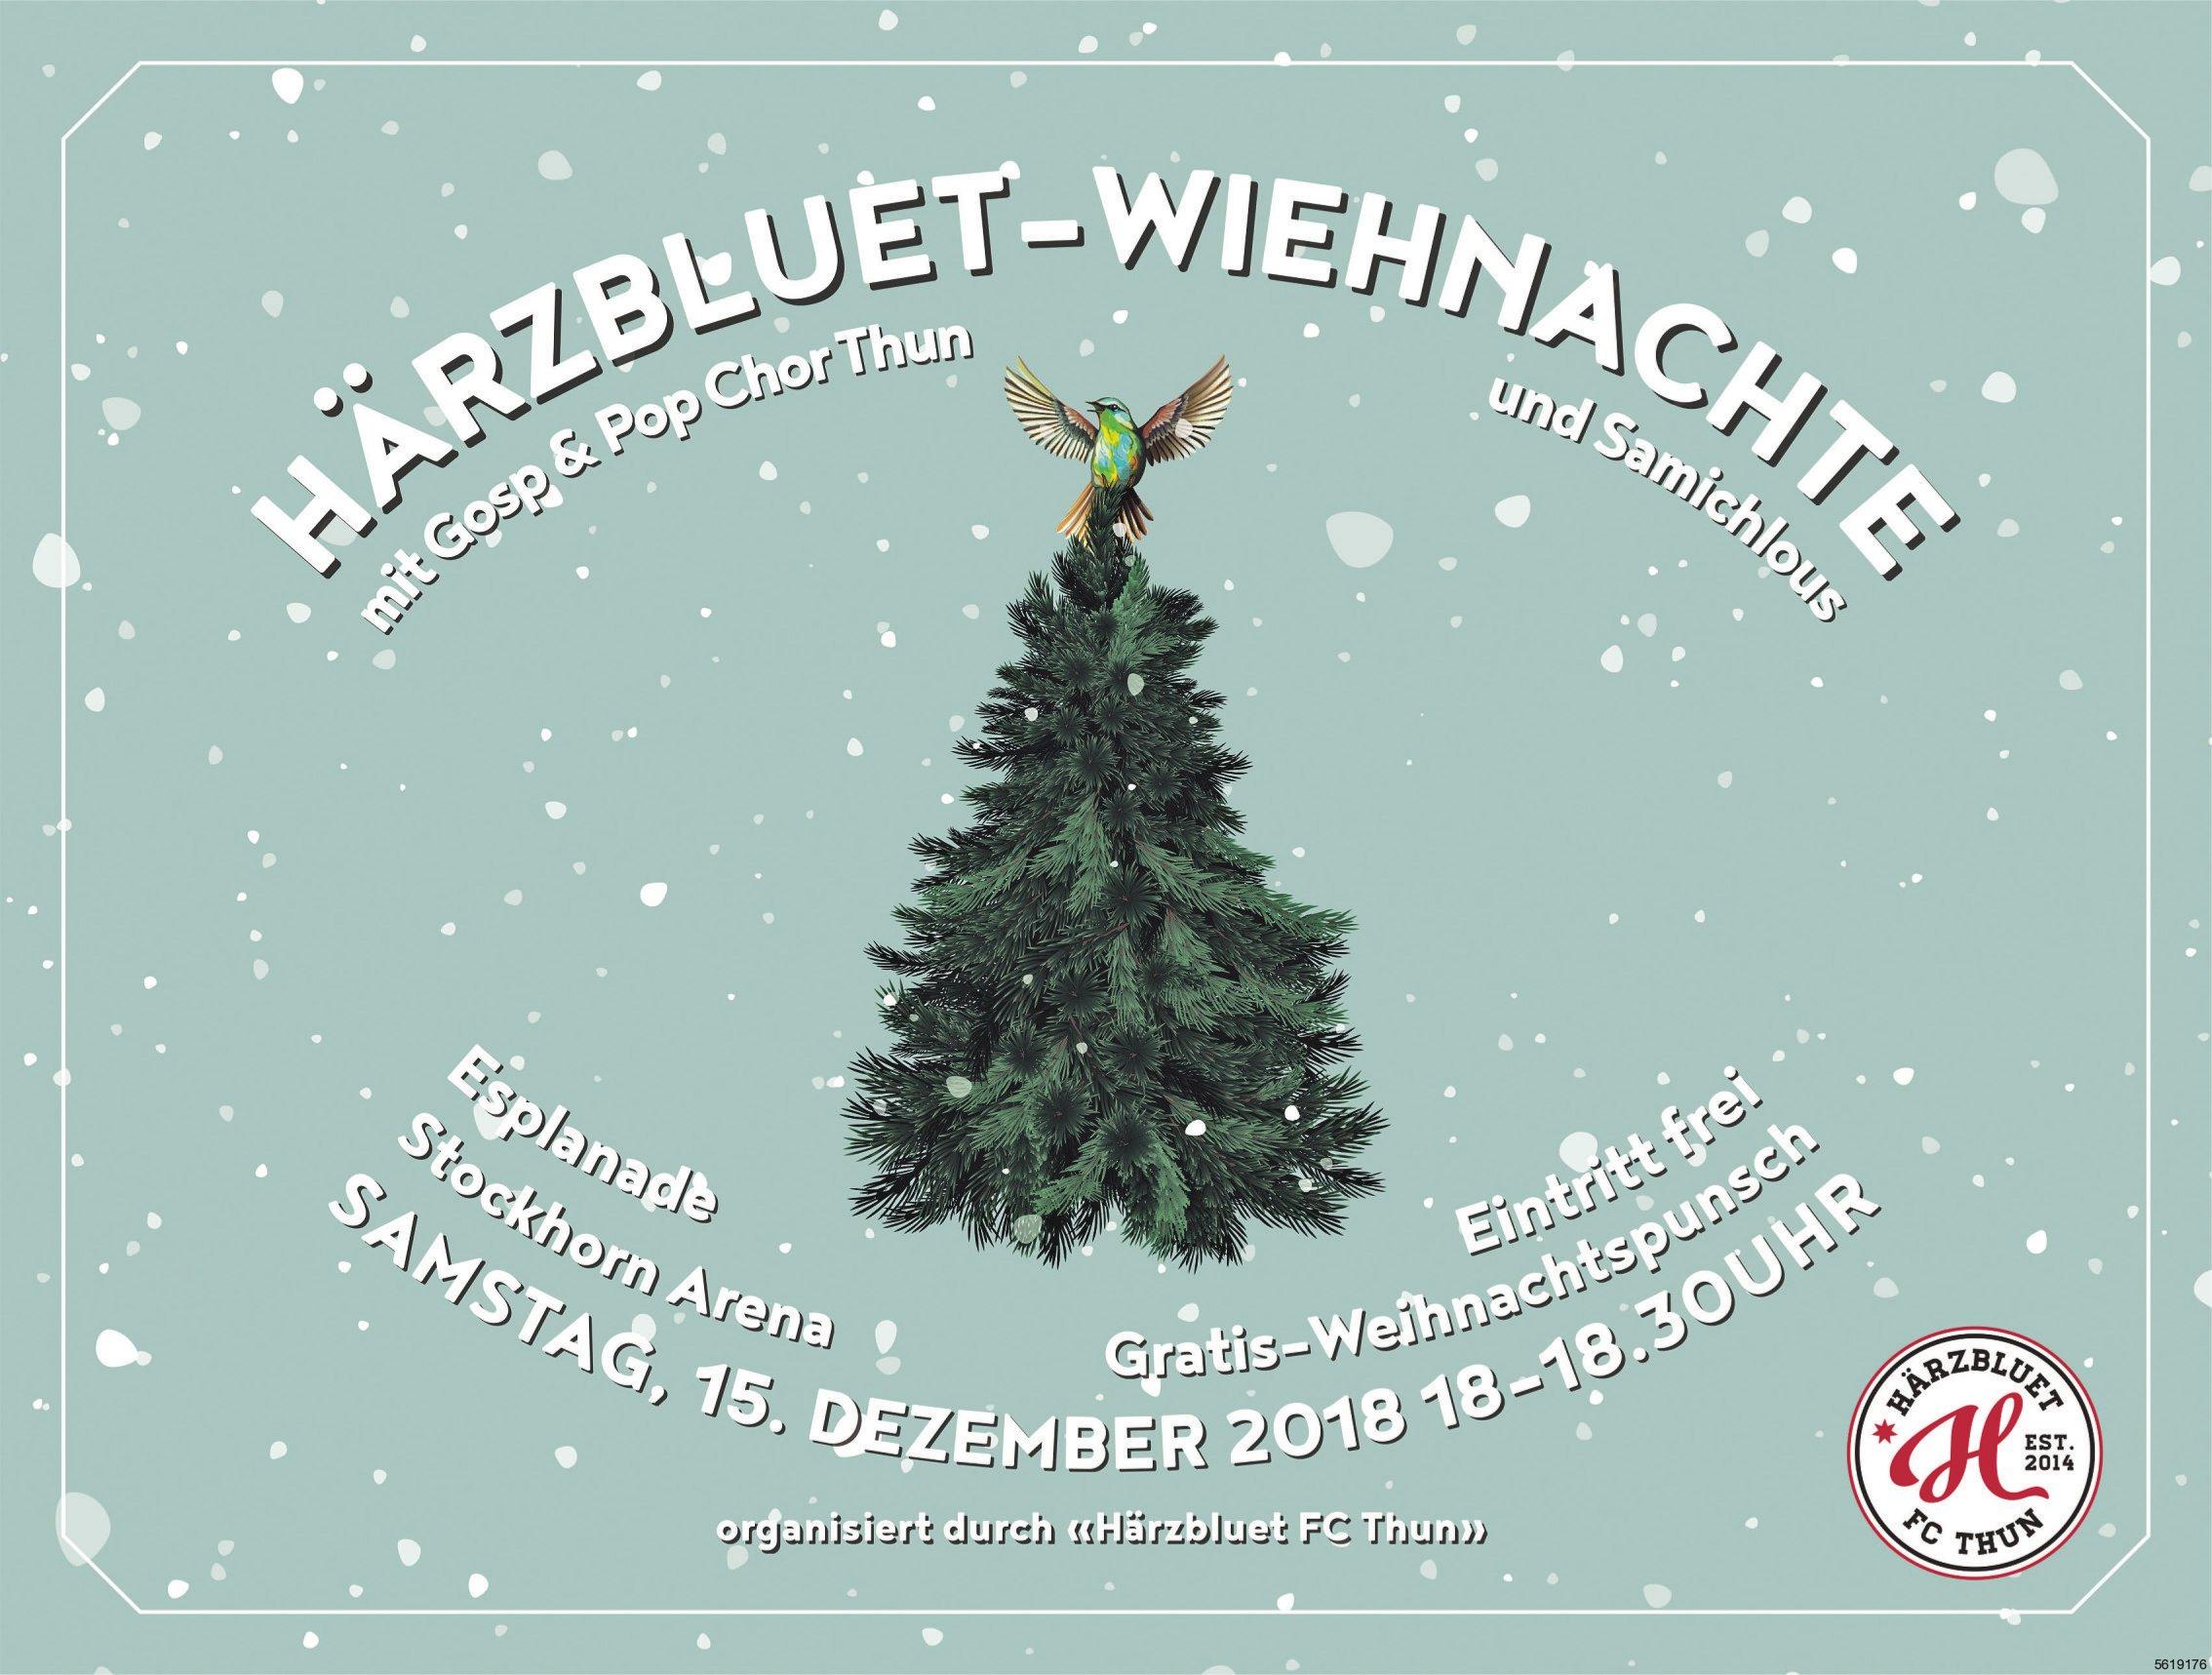 Härzbluet-Wiehnachte mit Gosp & Pop Chor Thun und Samichlous am 15. Dezember